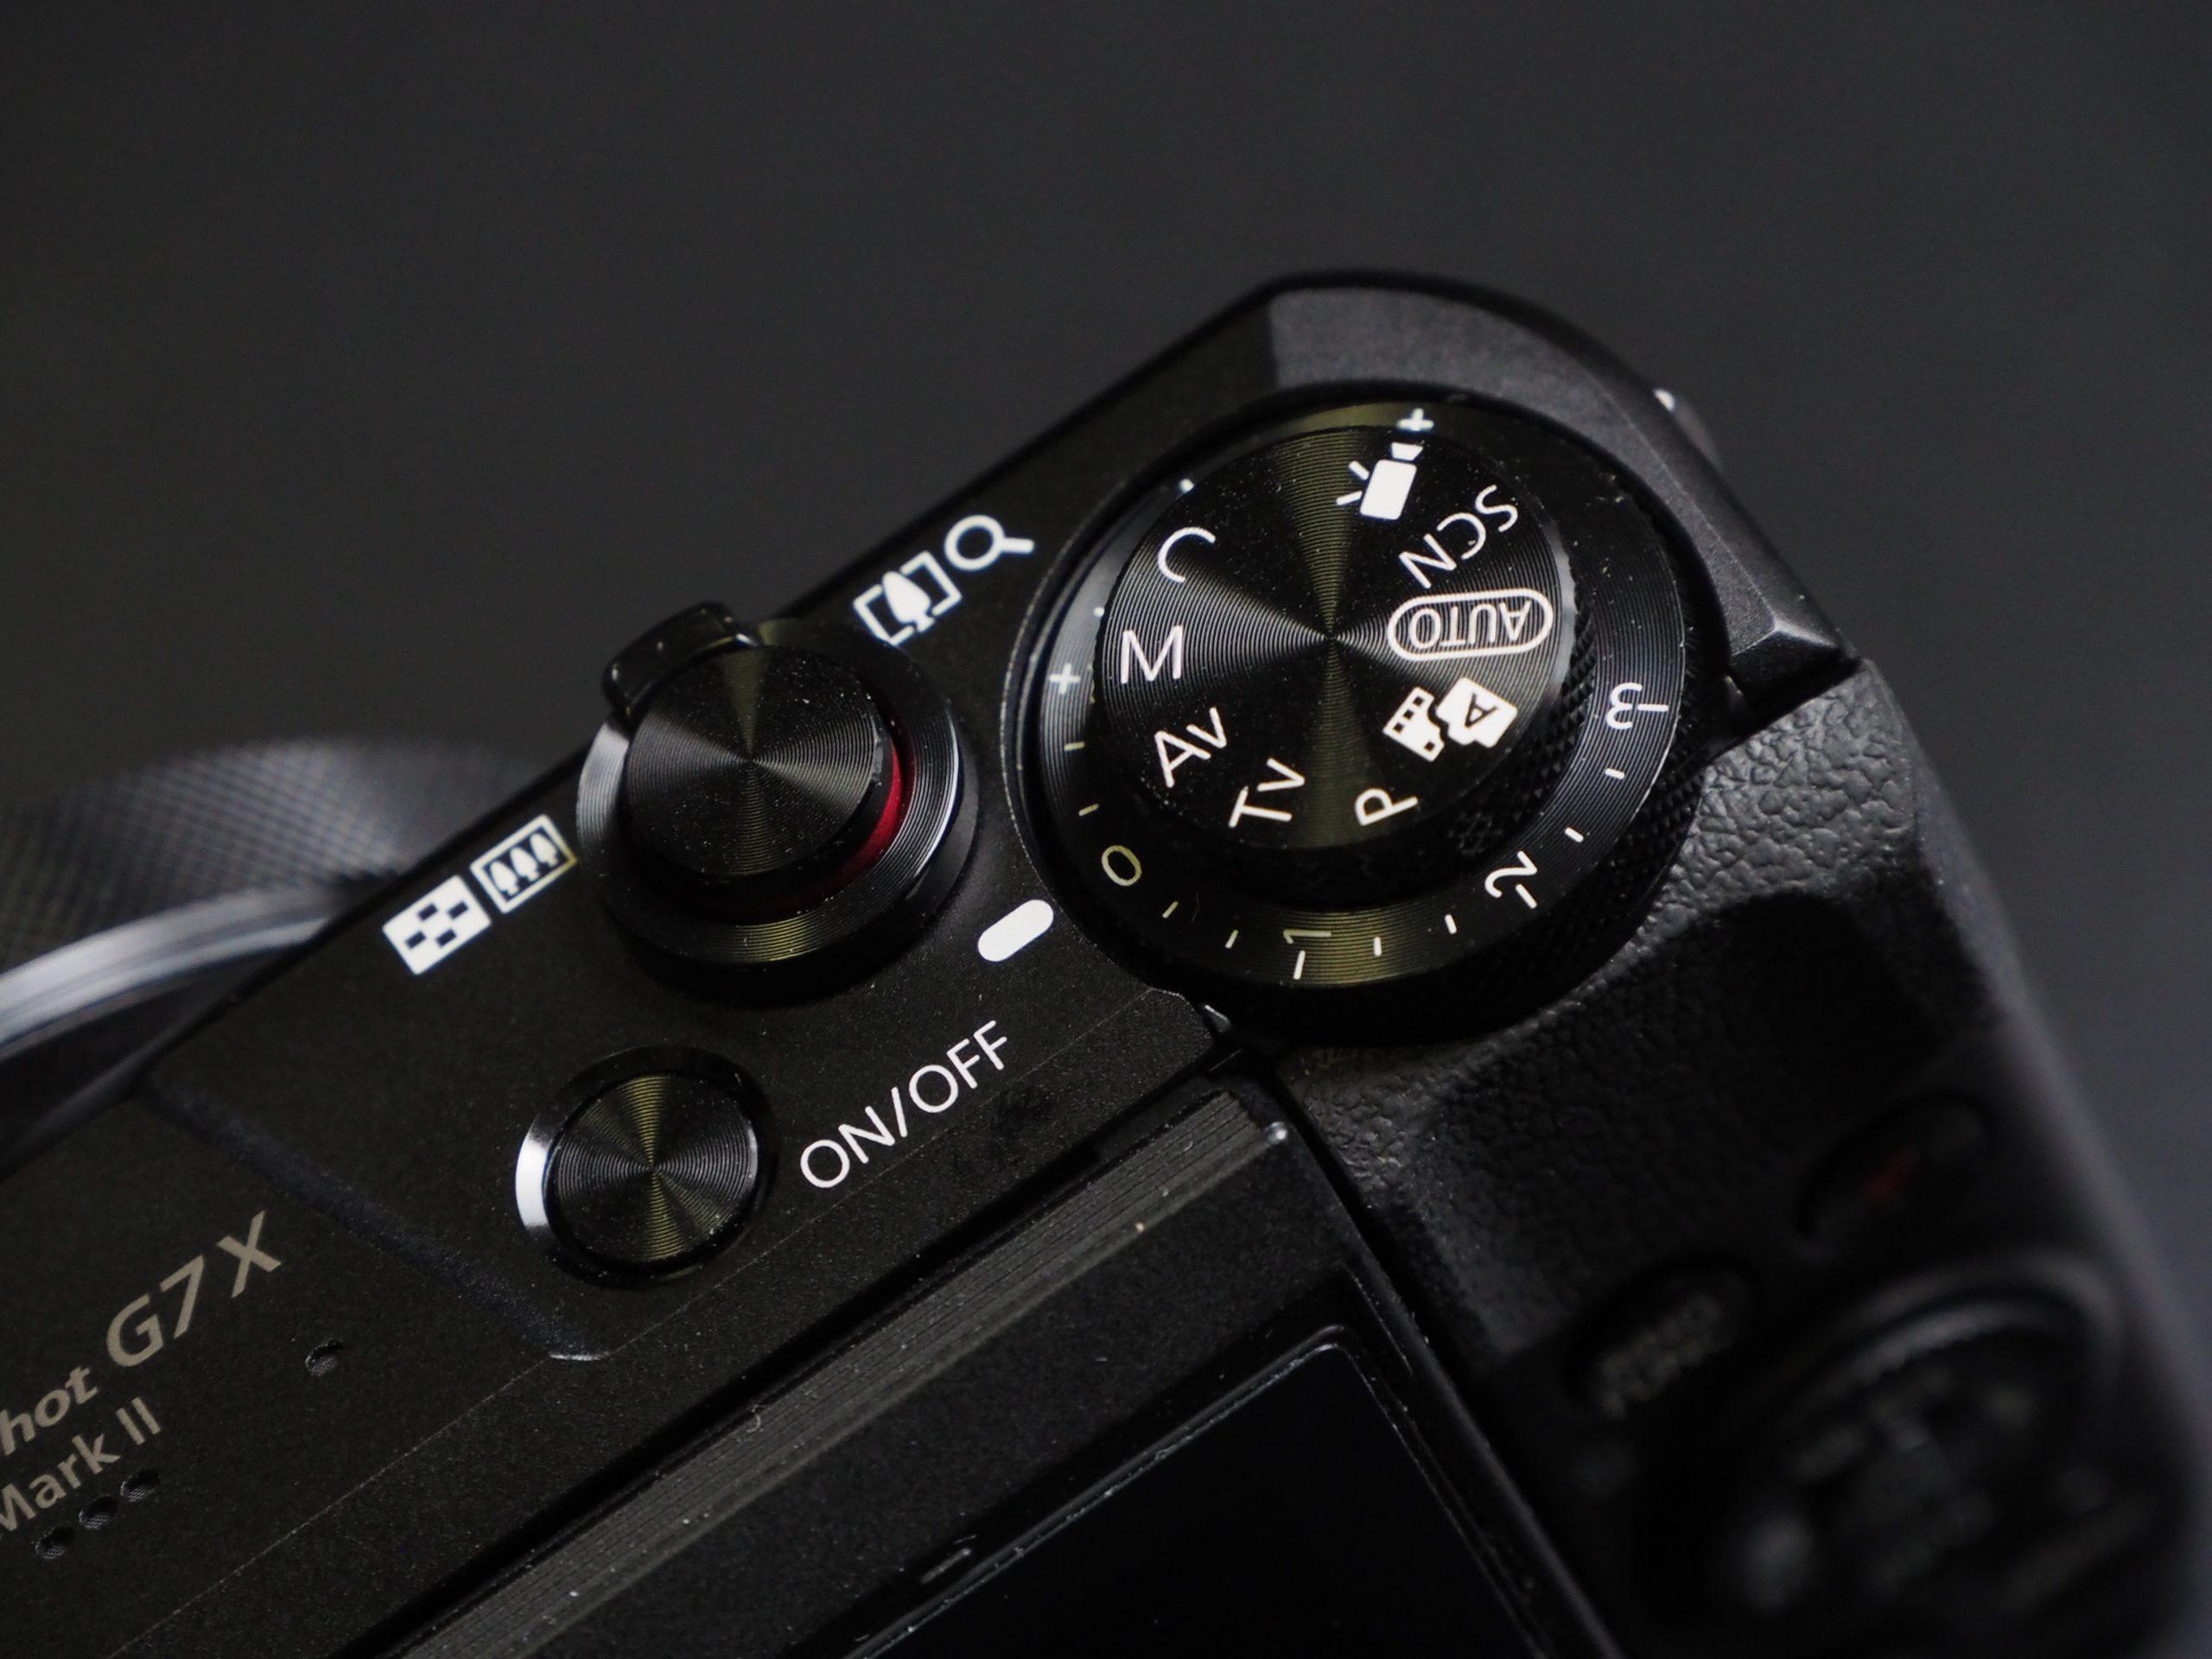 【好機到来】コンデジが気になる~PowerShot G7X Mark II